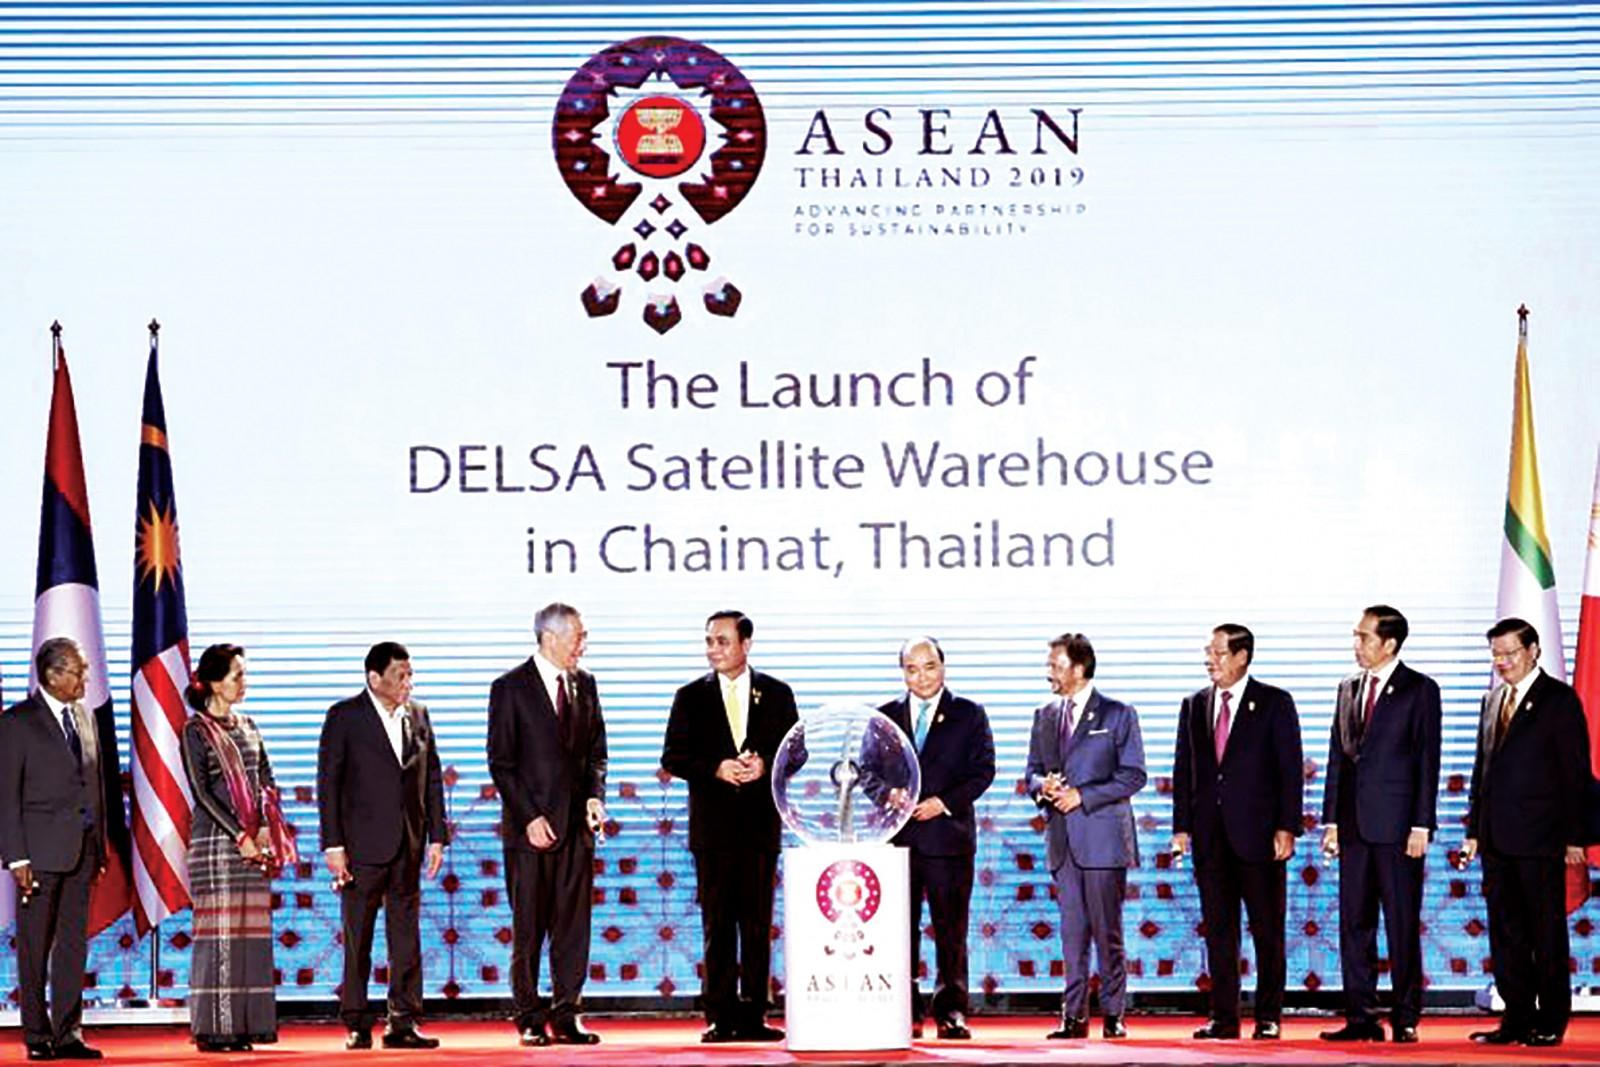 Các nhà lãnh đạo ASEAN tại lễ khai trương Kho vệ tinh ASEAN. Ảnh: EPA-EFE